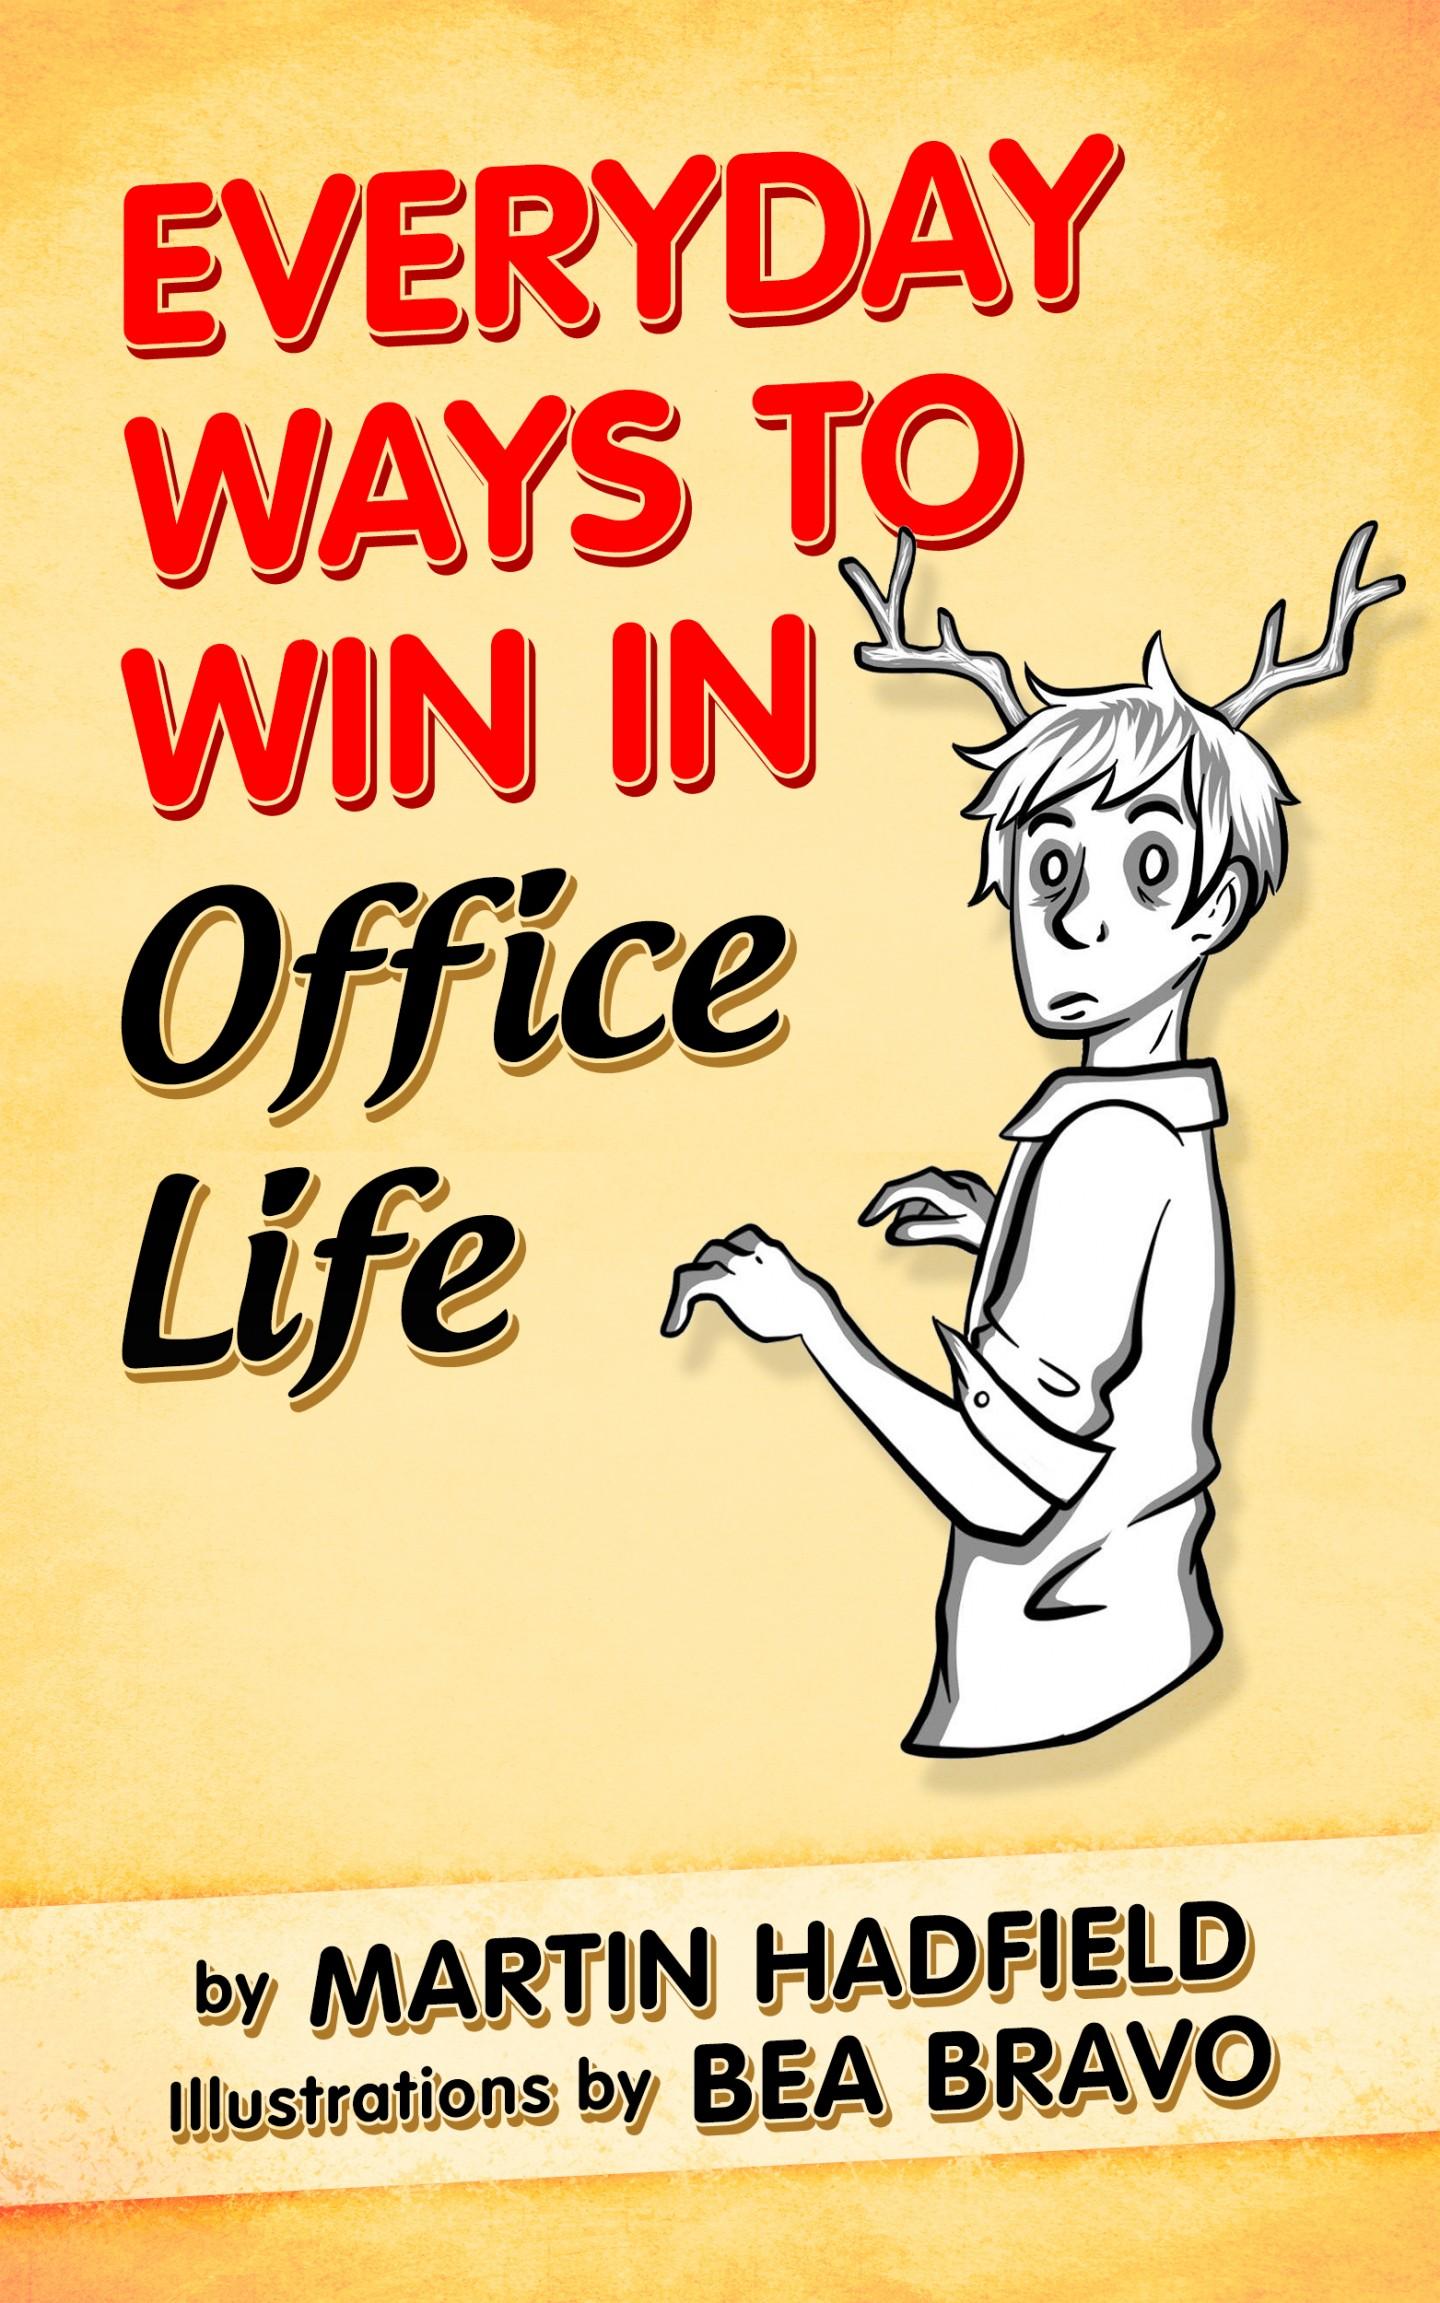 EverydayWaystoWininOfficeLife